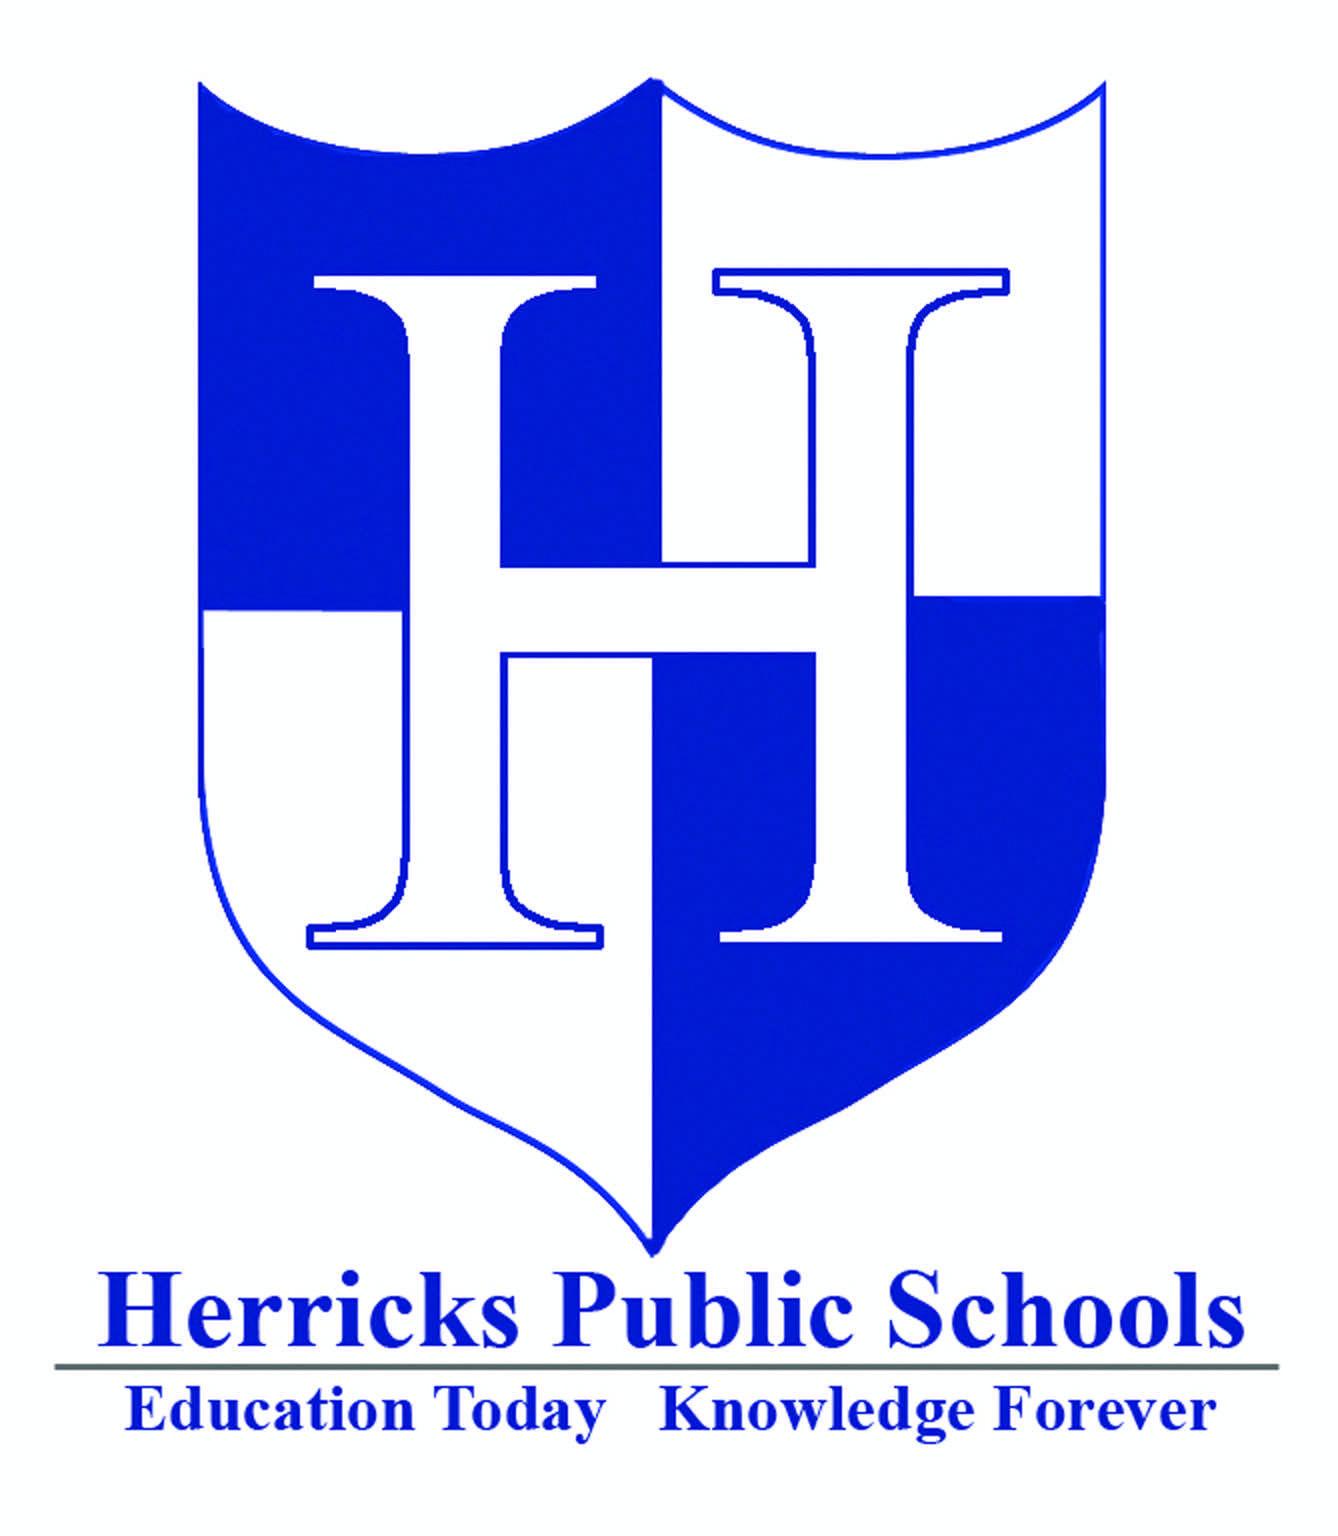 Cops investigate threat at Herricks schools